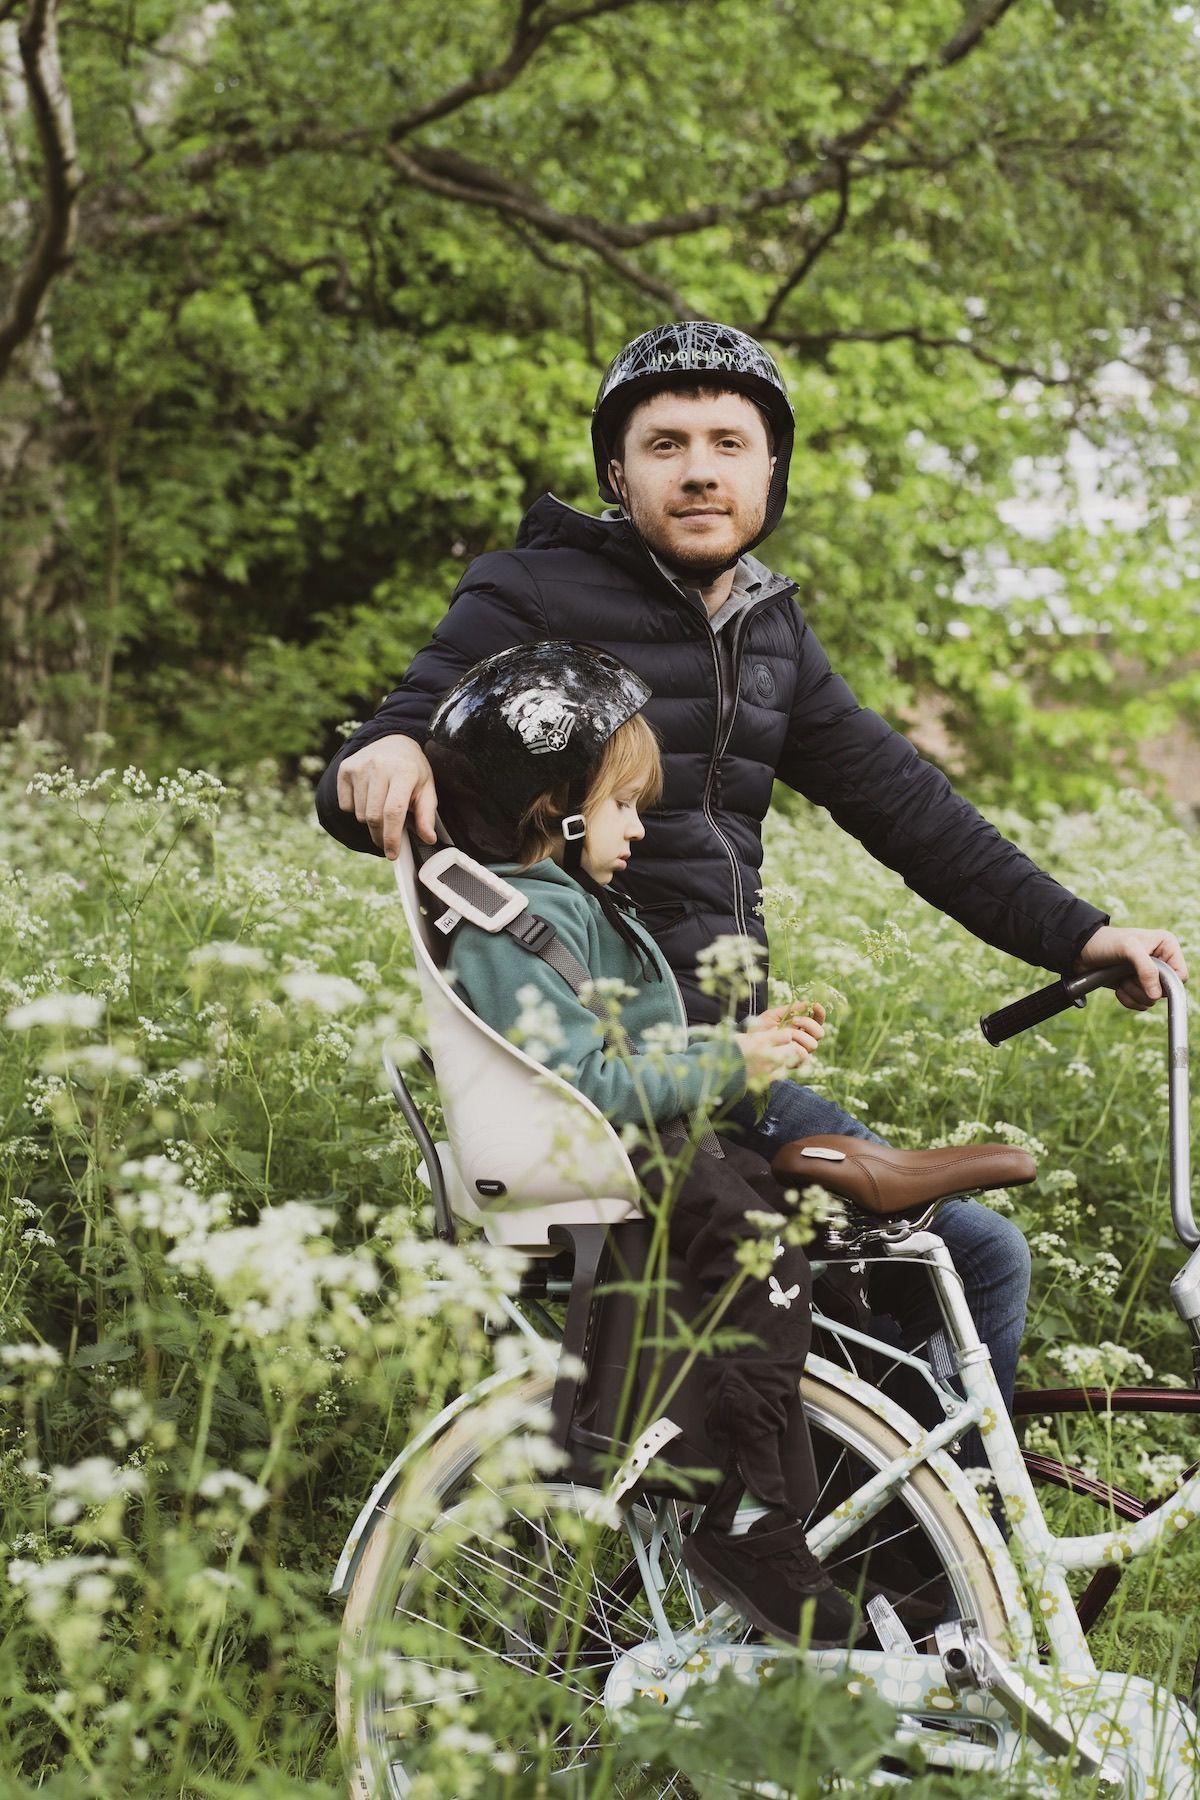 thule-bike-rack-016.jpeg